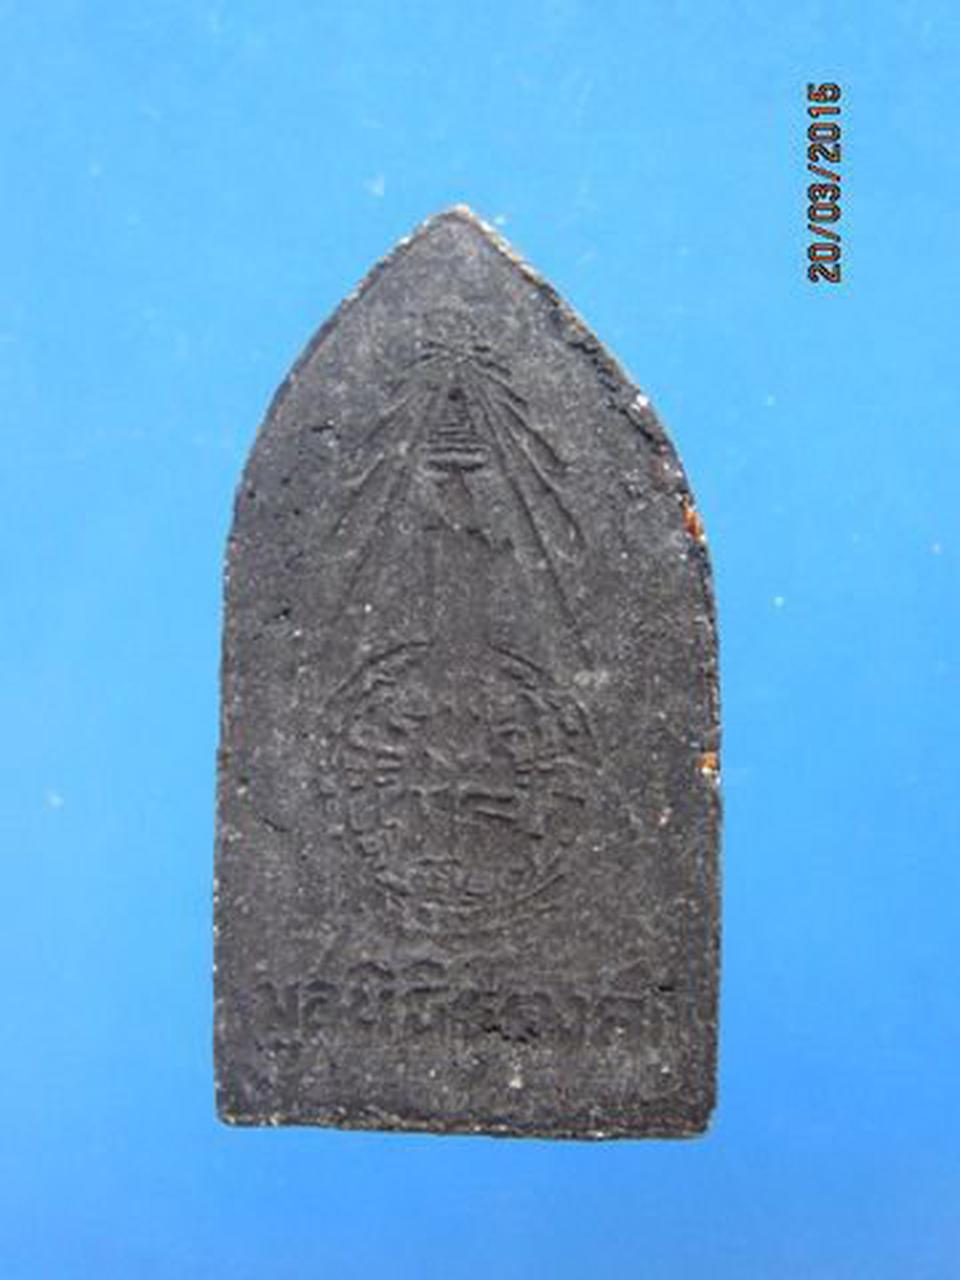 1391 พระสมเด็จธุดงค์สมเด็จพระพุฒาจารย์ วัดมหาธาตุ รูปที่ 1